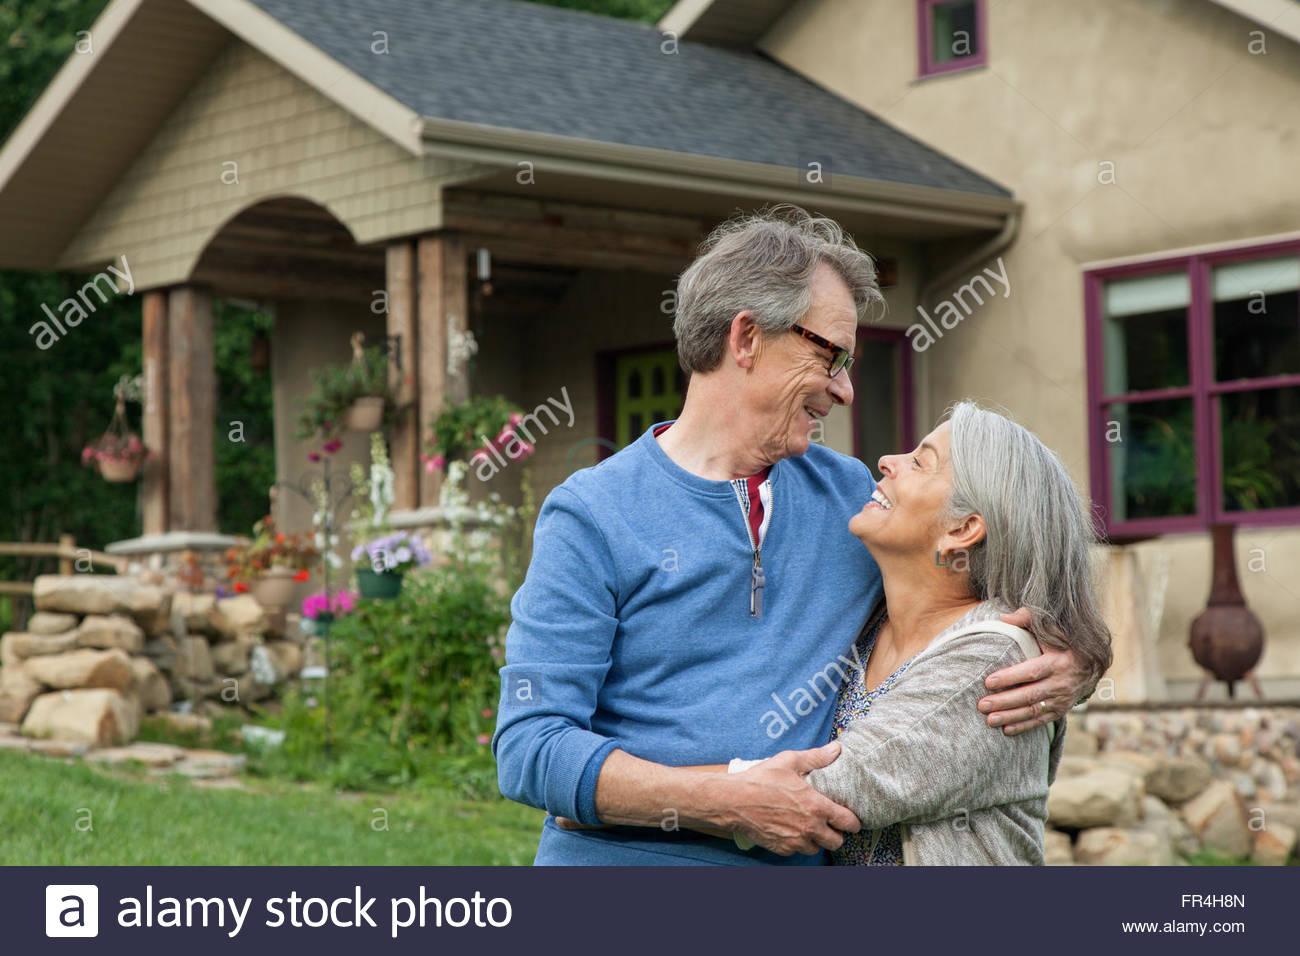 senior couple gazing into each others eyes - Stock Image